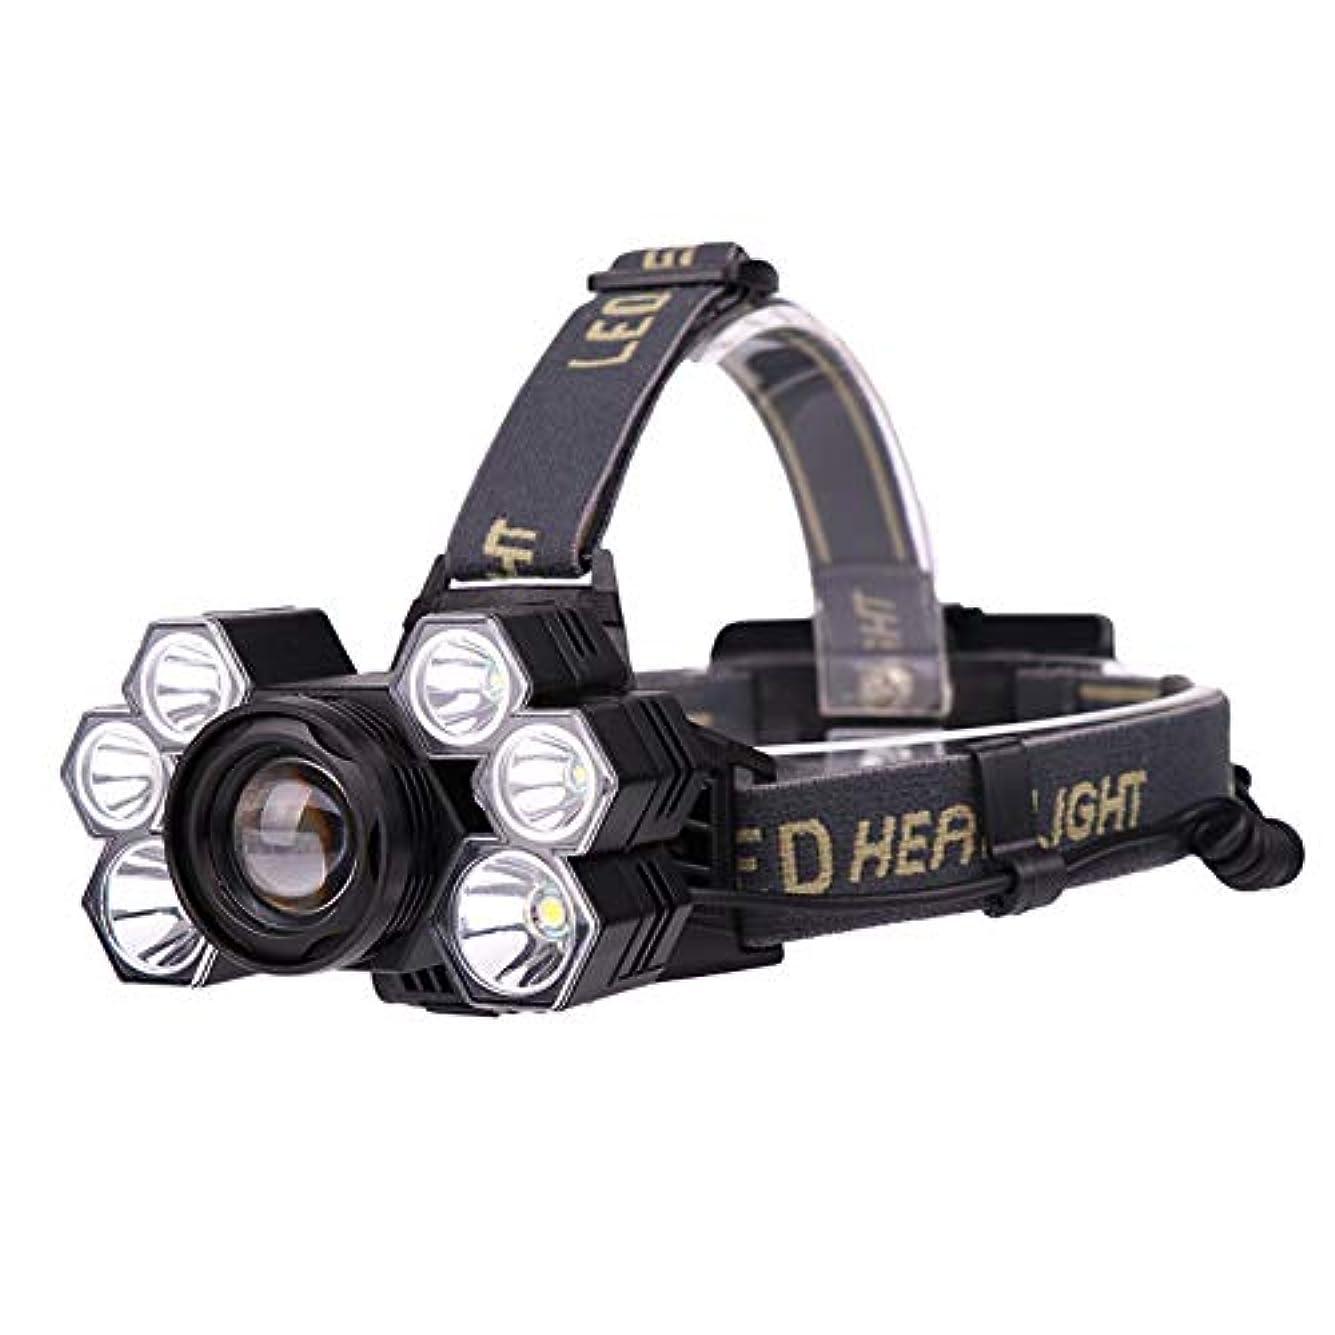 クレーターところでタッチRaiFu ヘッドライト 7 LED 明るい フォーカ スキャンプ ランプ USB充電 ランプ 夜間釣り 屋外活動